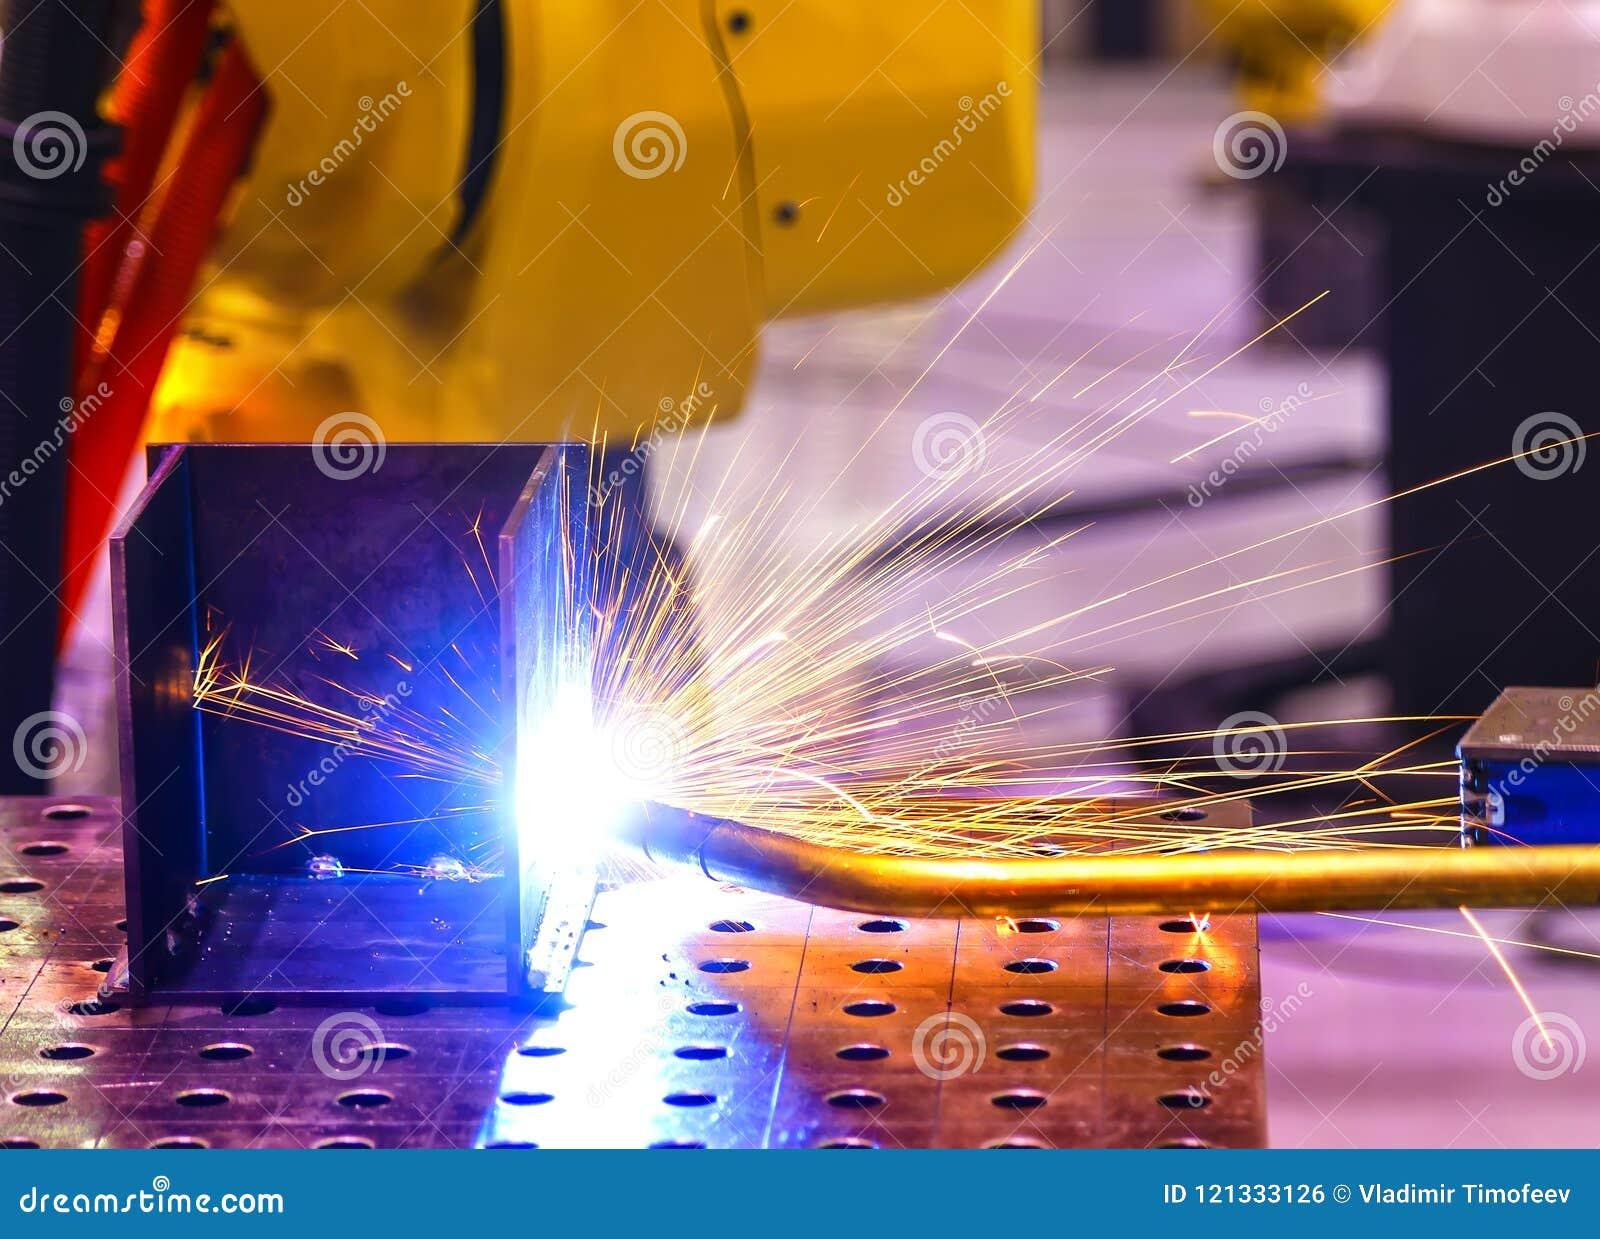 De automatische lassenmachine veroorzaakt lassen van metaaltank close-up van blauwe en gele vlammen met nevel Diepte van gebied o